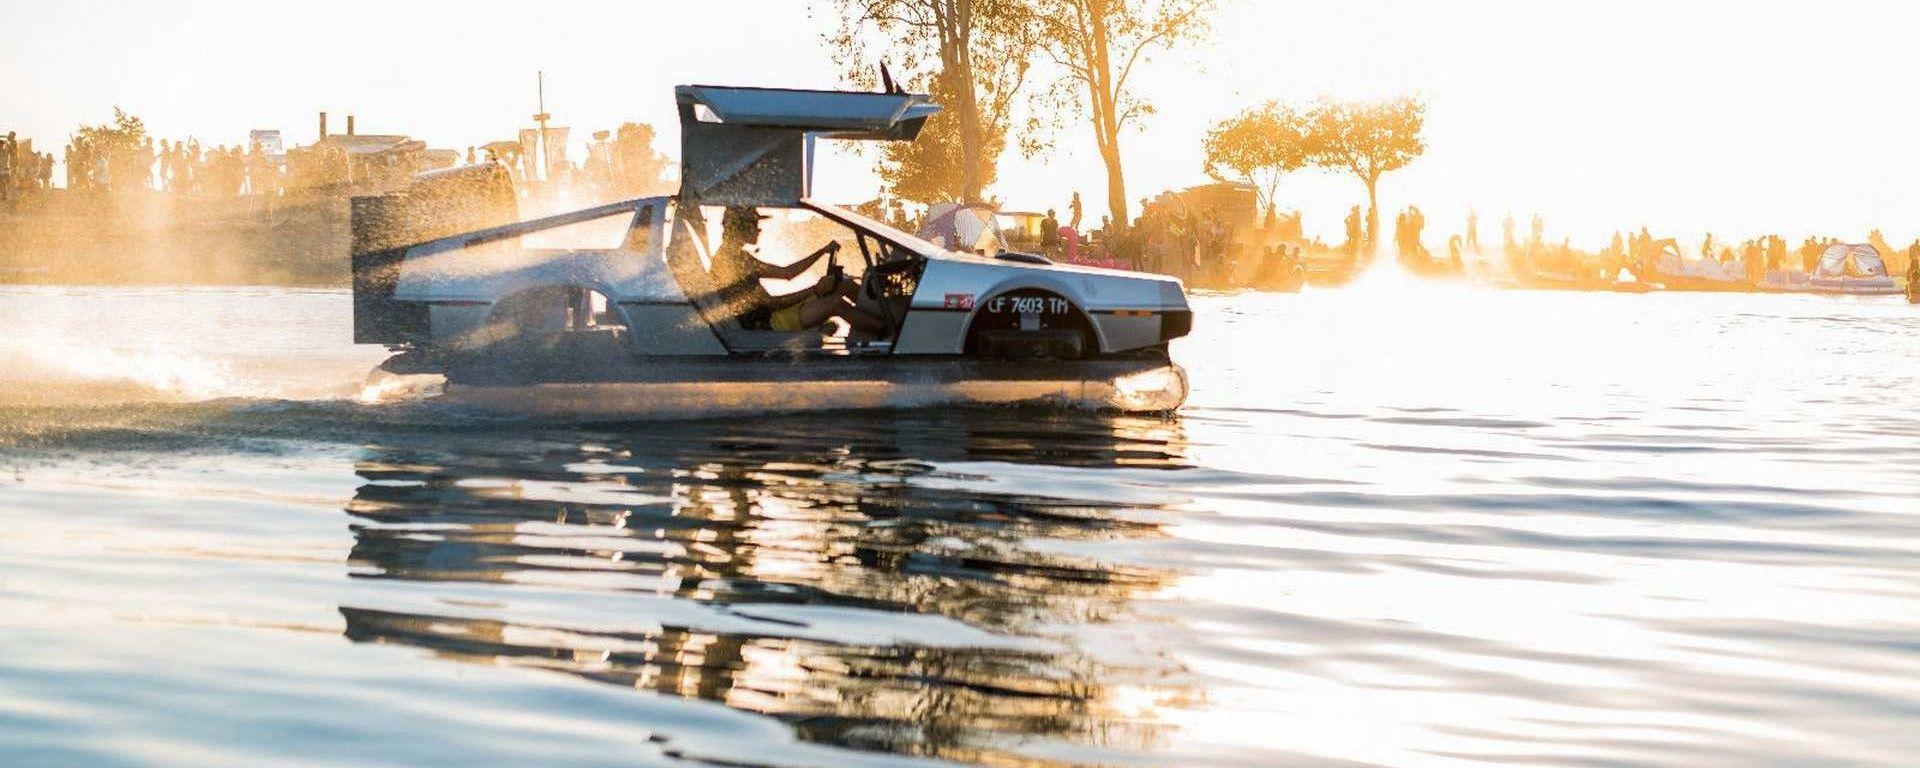 DeLorean volante in vendita a 45.000 dollari